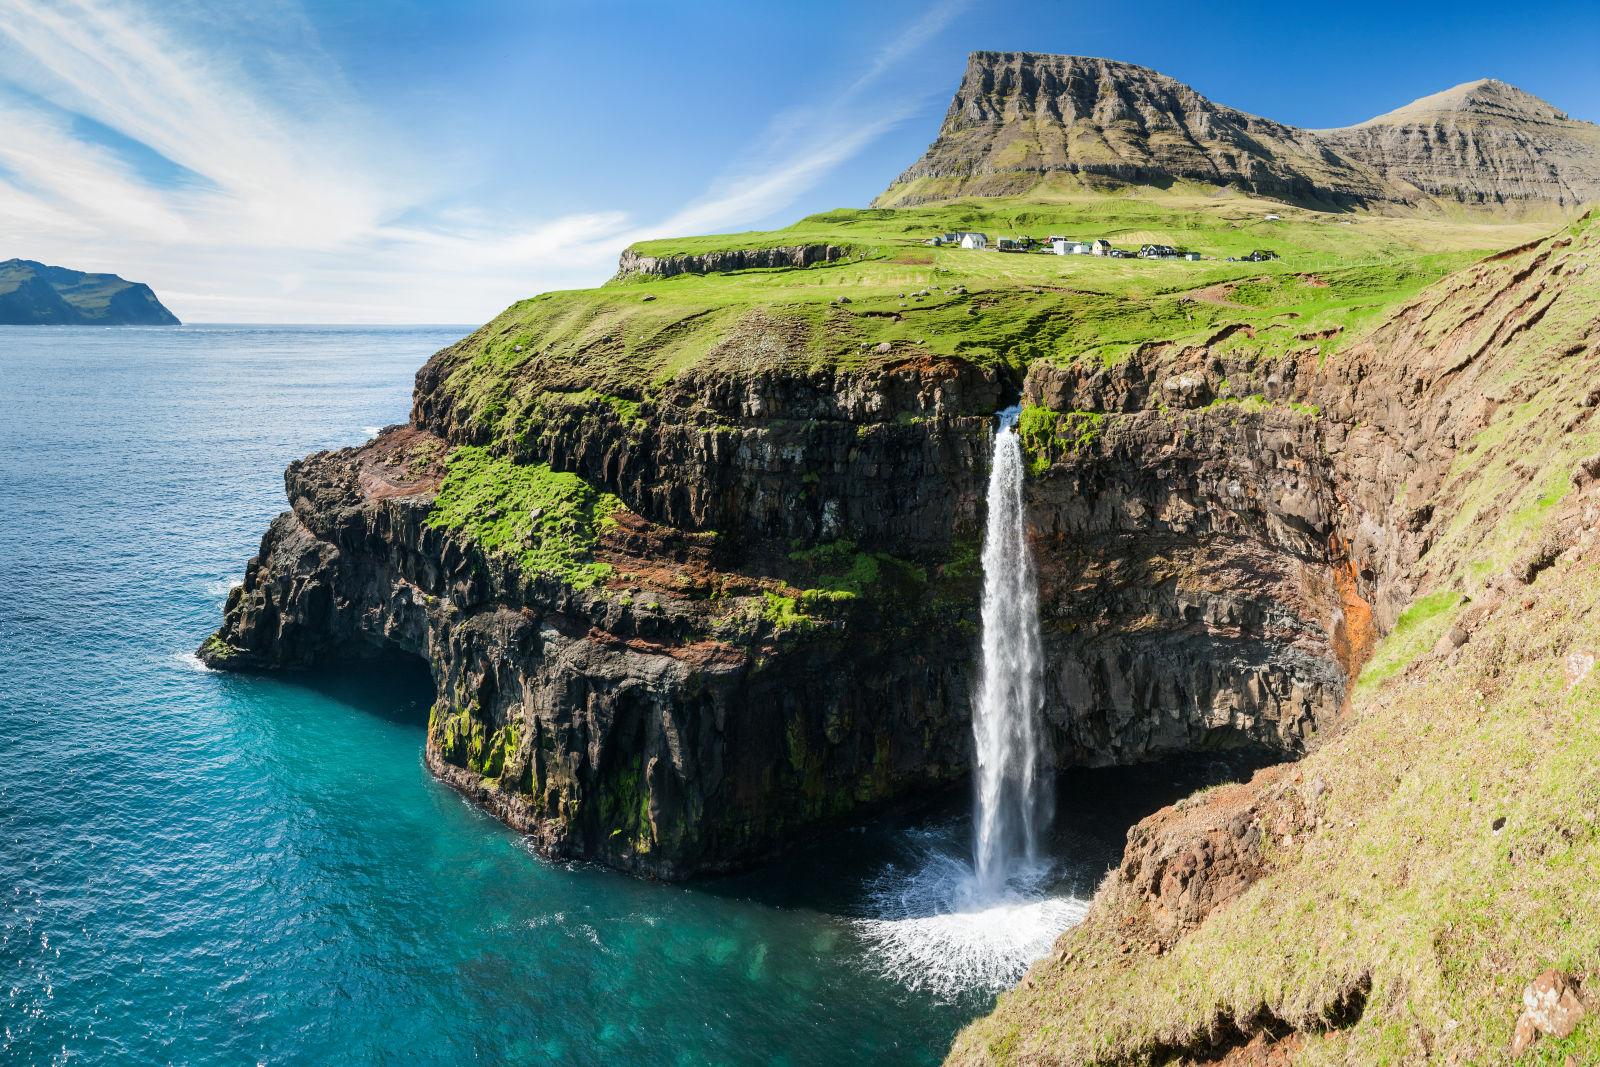 Wasserfall und Dorf in Gasadalur auf den Färöern